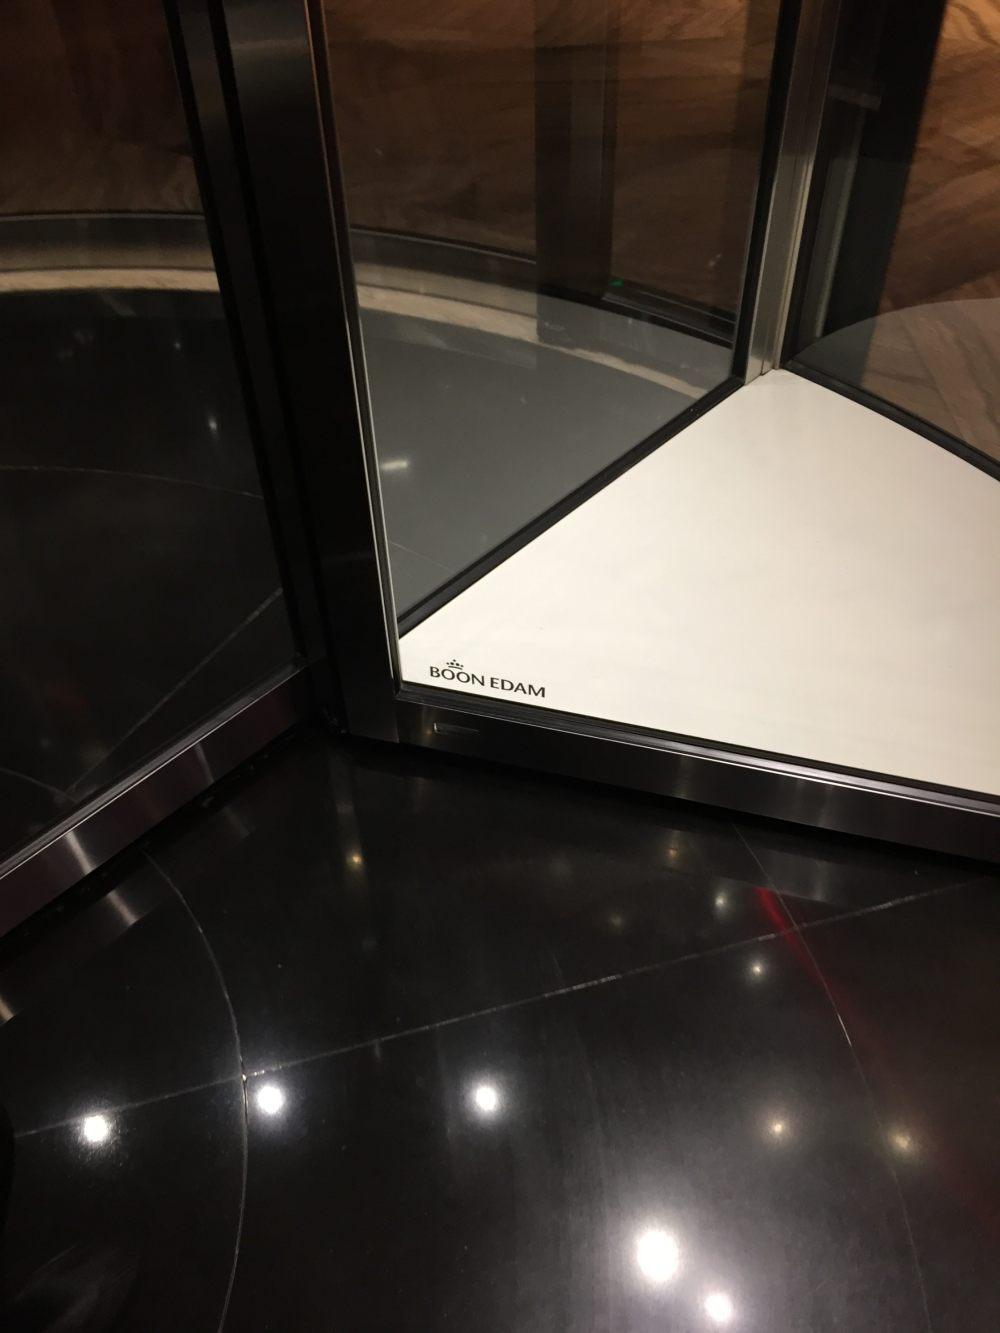 上海外滩W酒店,史上最全入住体验 自拍分享,申请置...._IMG_5950.JPG